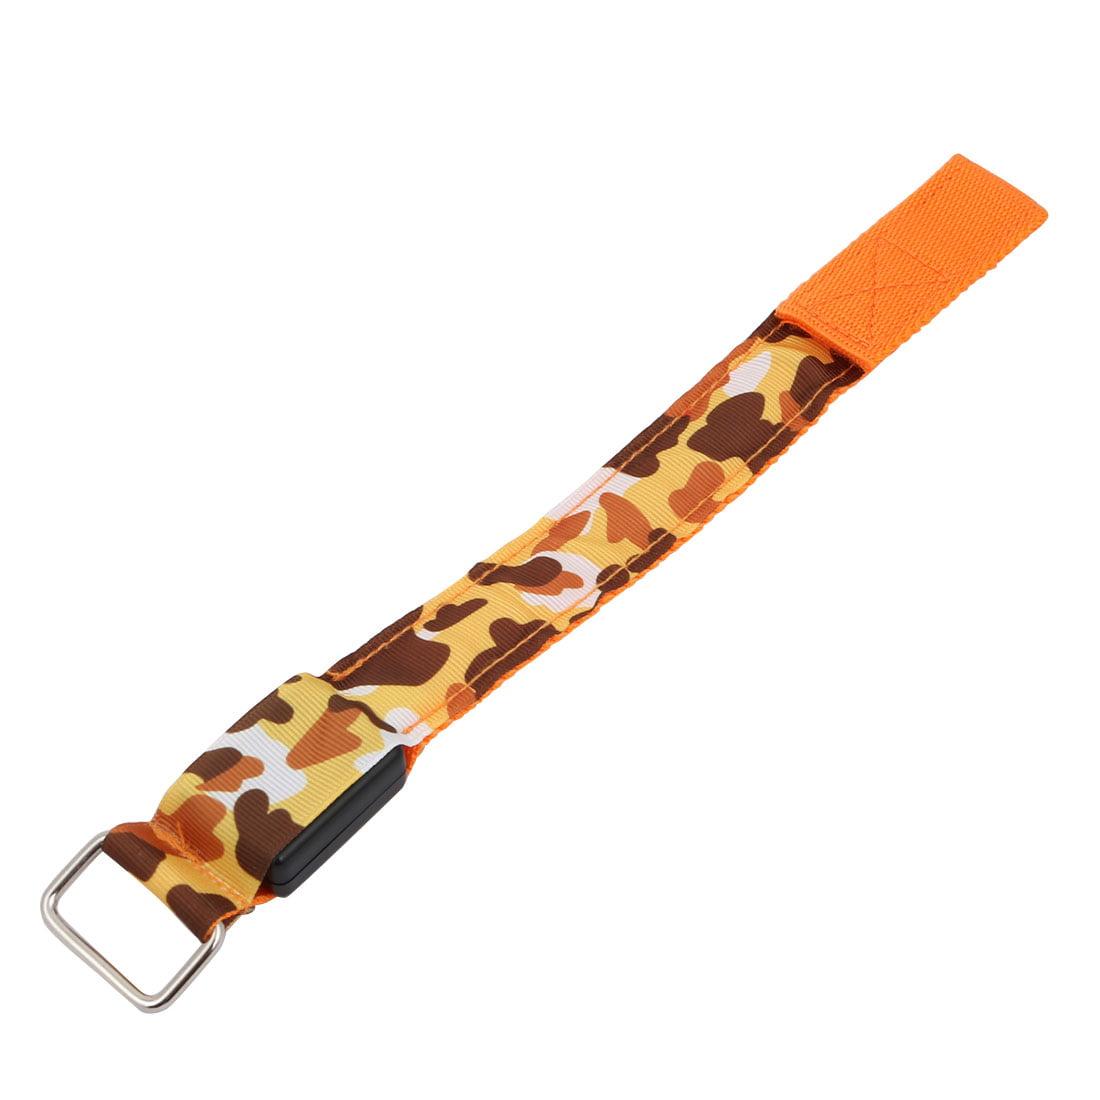 Running Safety Orange LED Camouflage Print Arm Band Wristband Light Up Armband - image 3 of 4